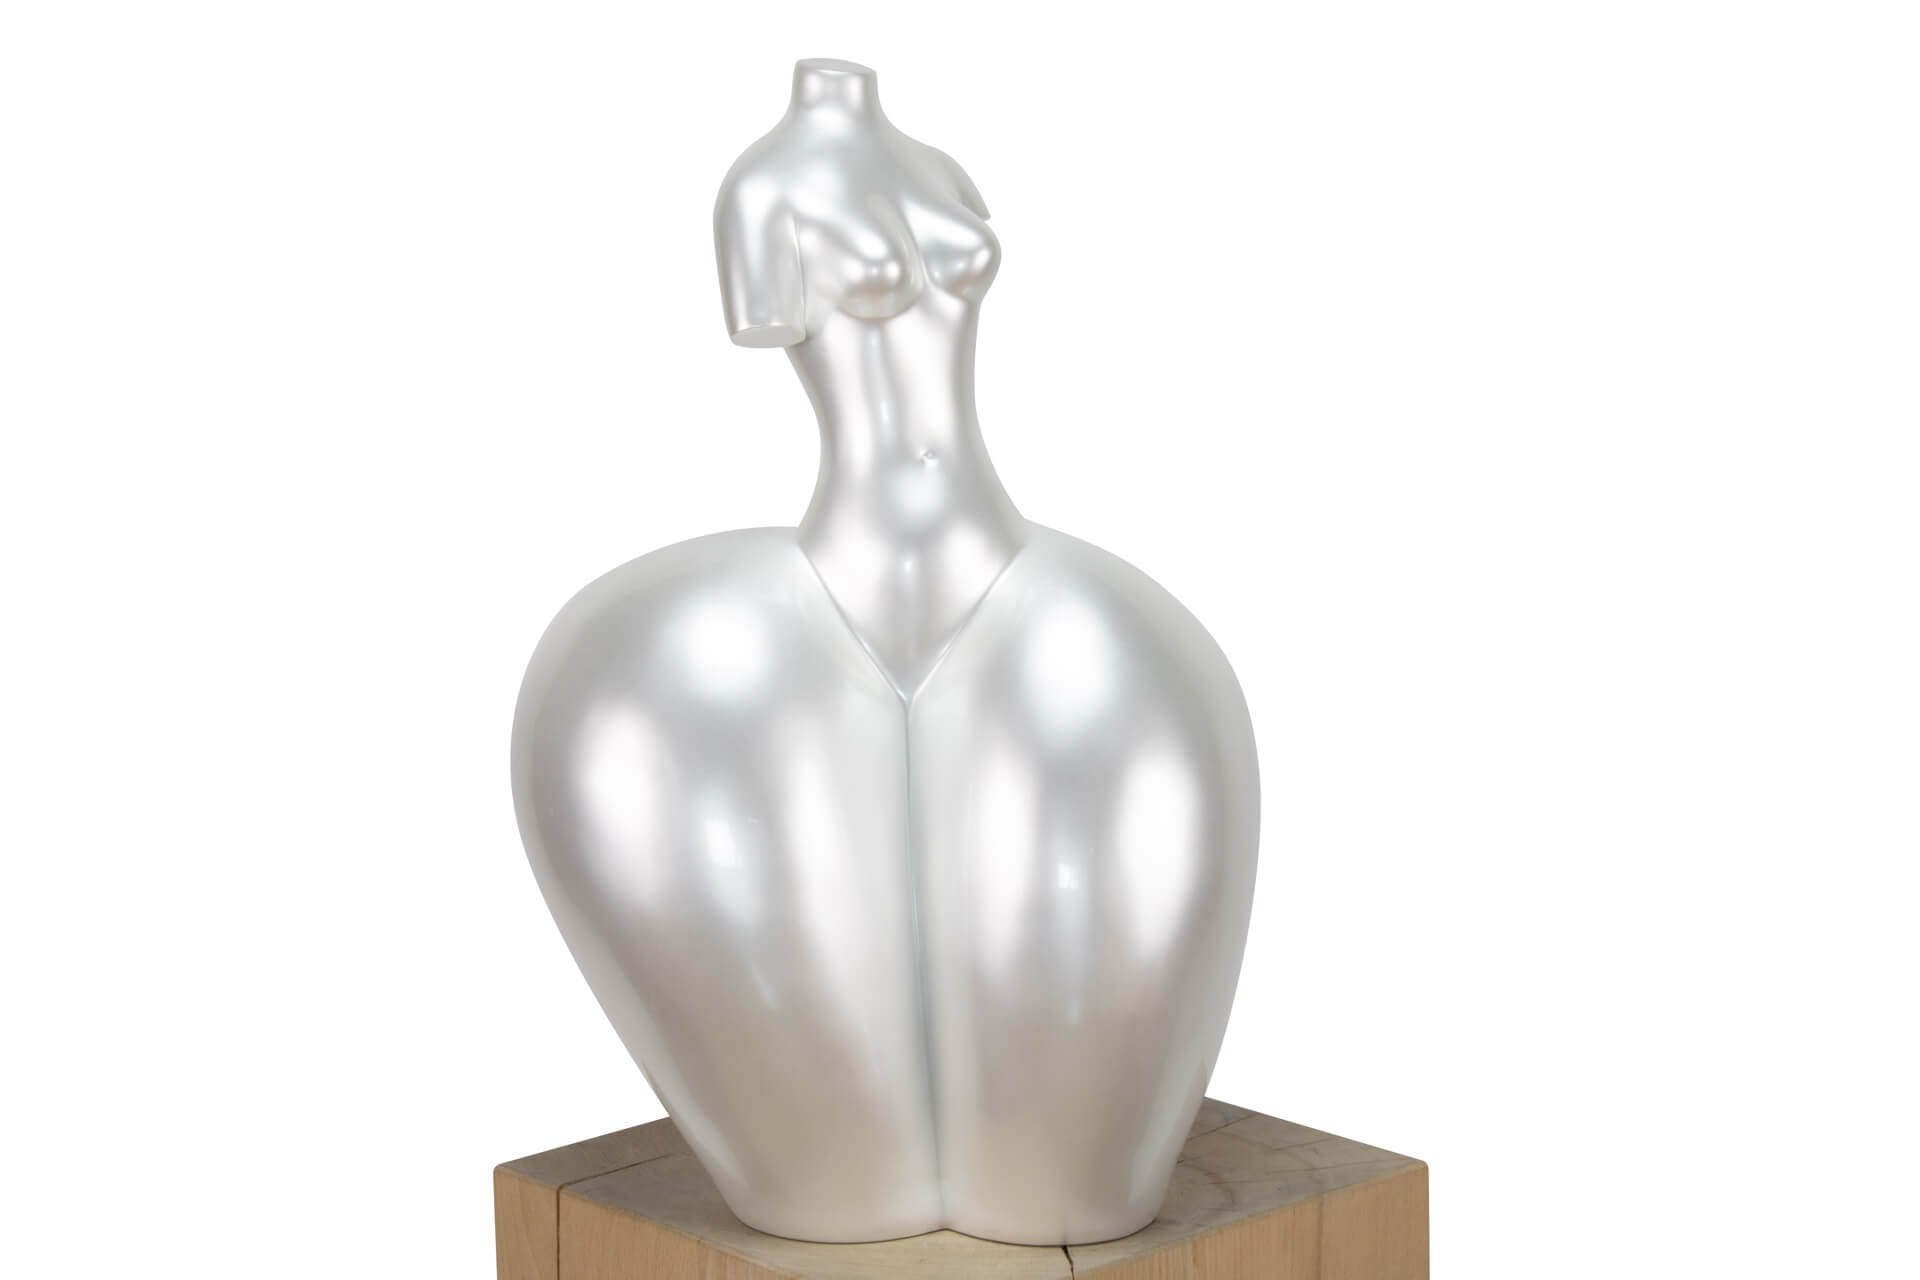 KL figur frau deko weiss skulptur statue aus stein figur plastik 01